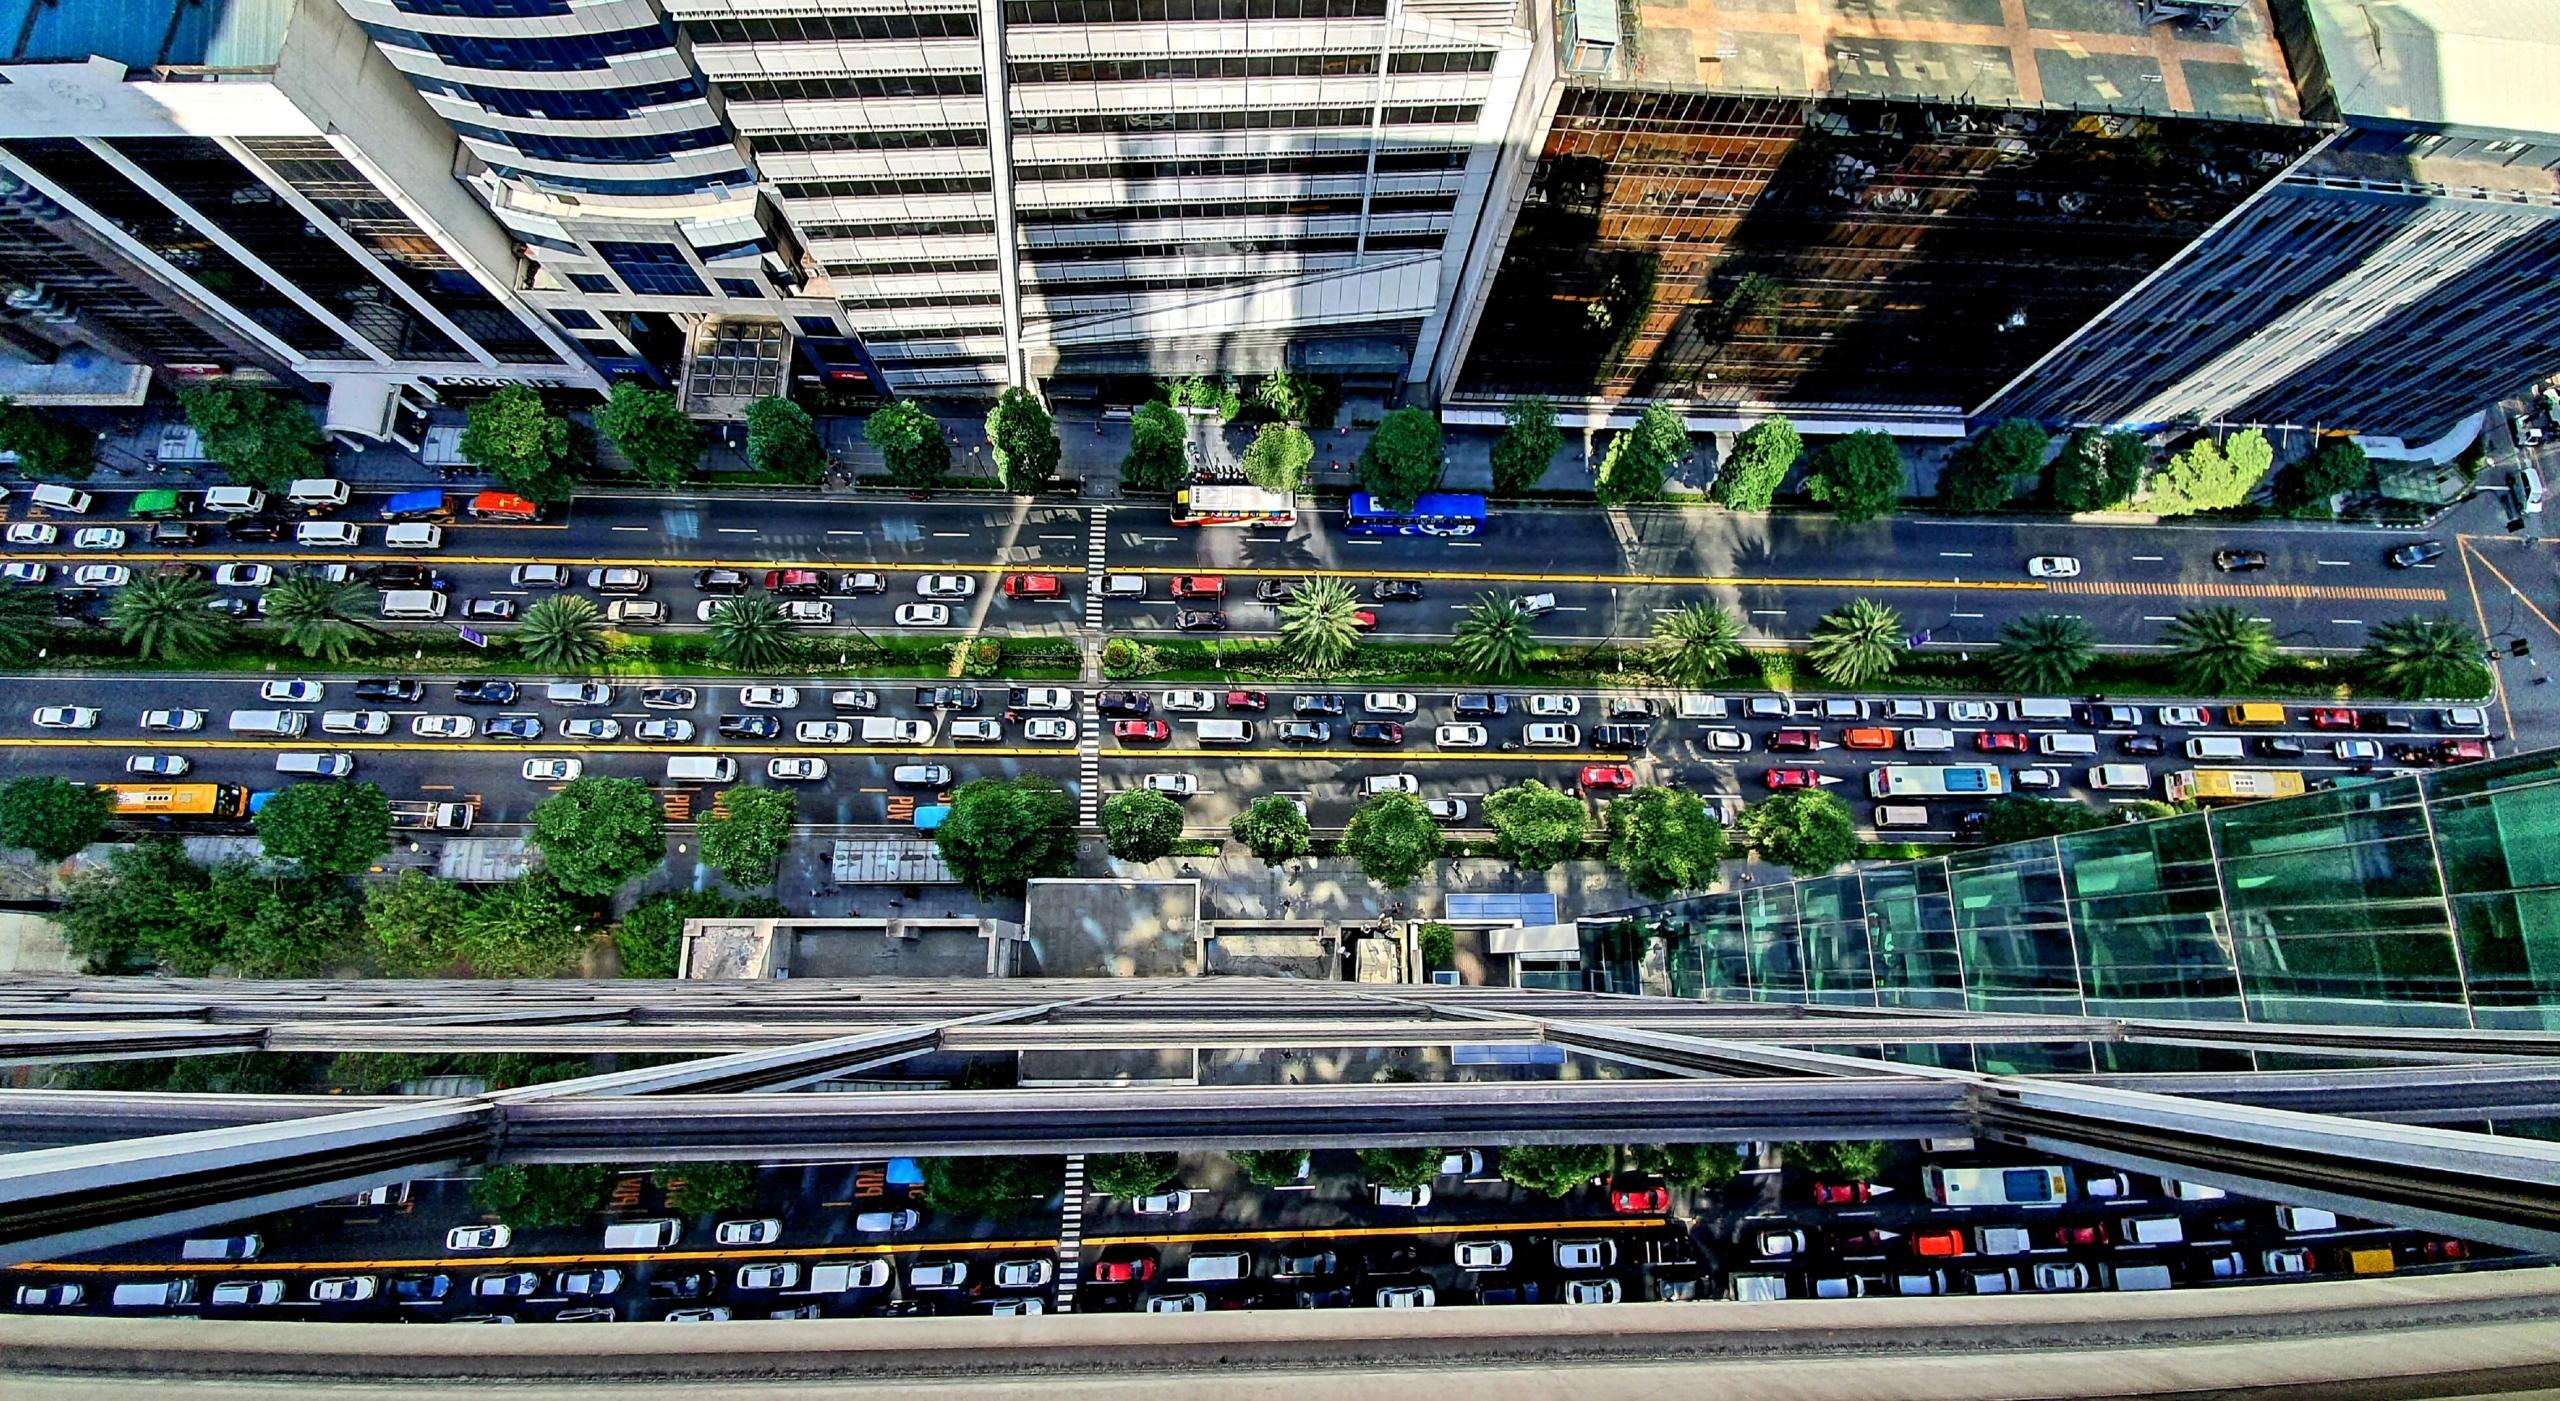 paisagem urbana olhando para baixo